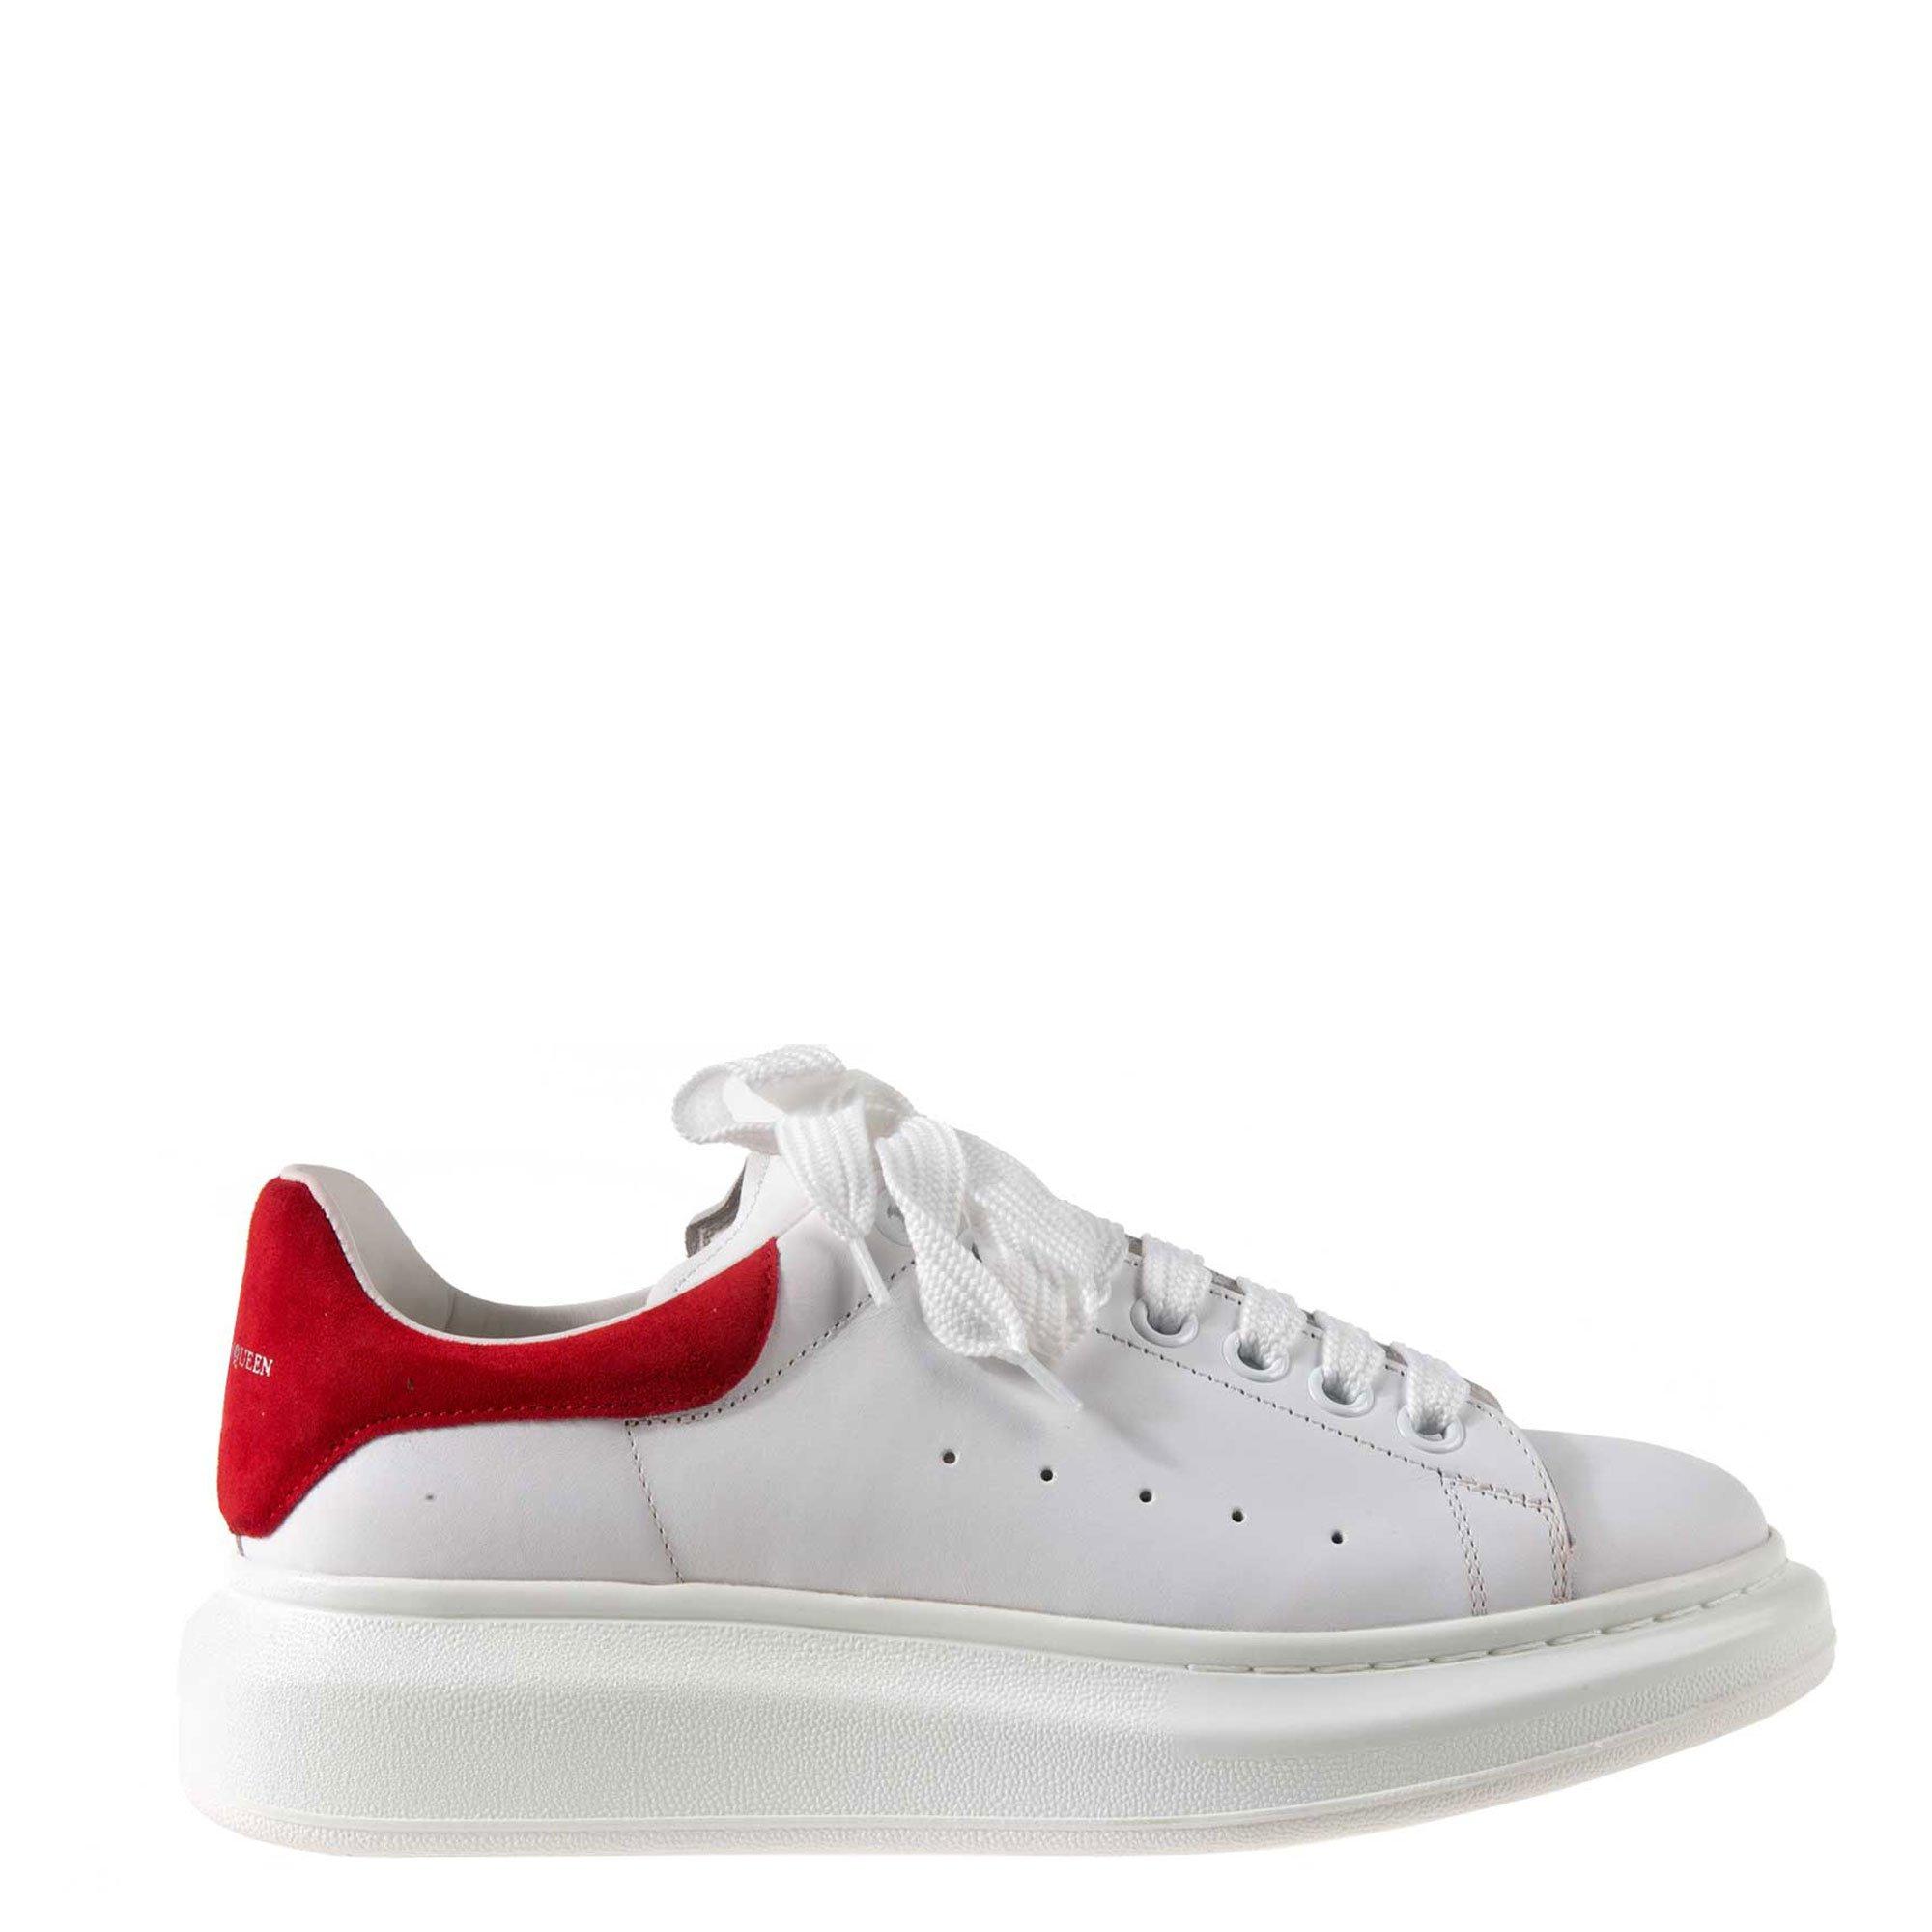 Lyst - Alexander McQueen Classic Sneakers in Red